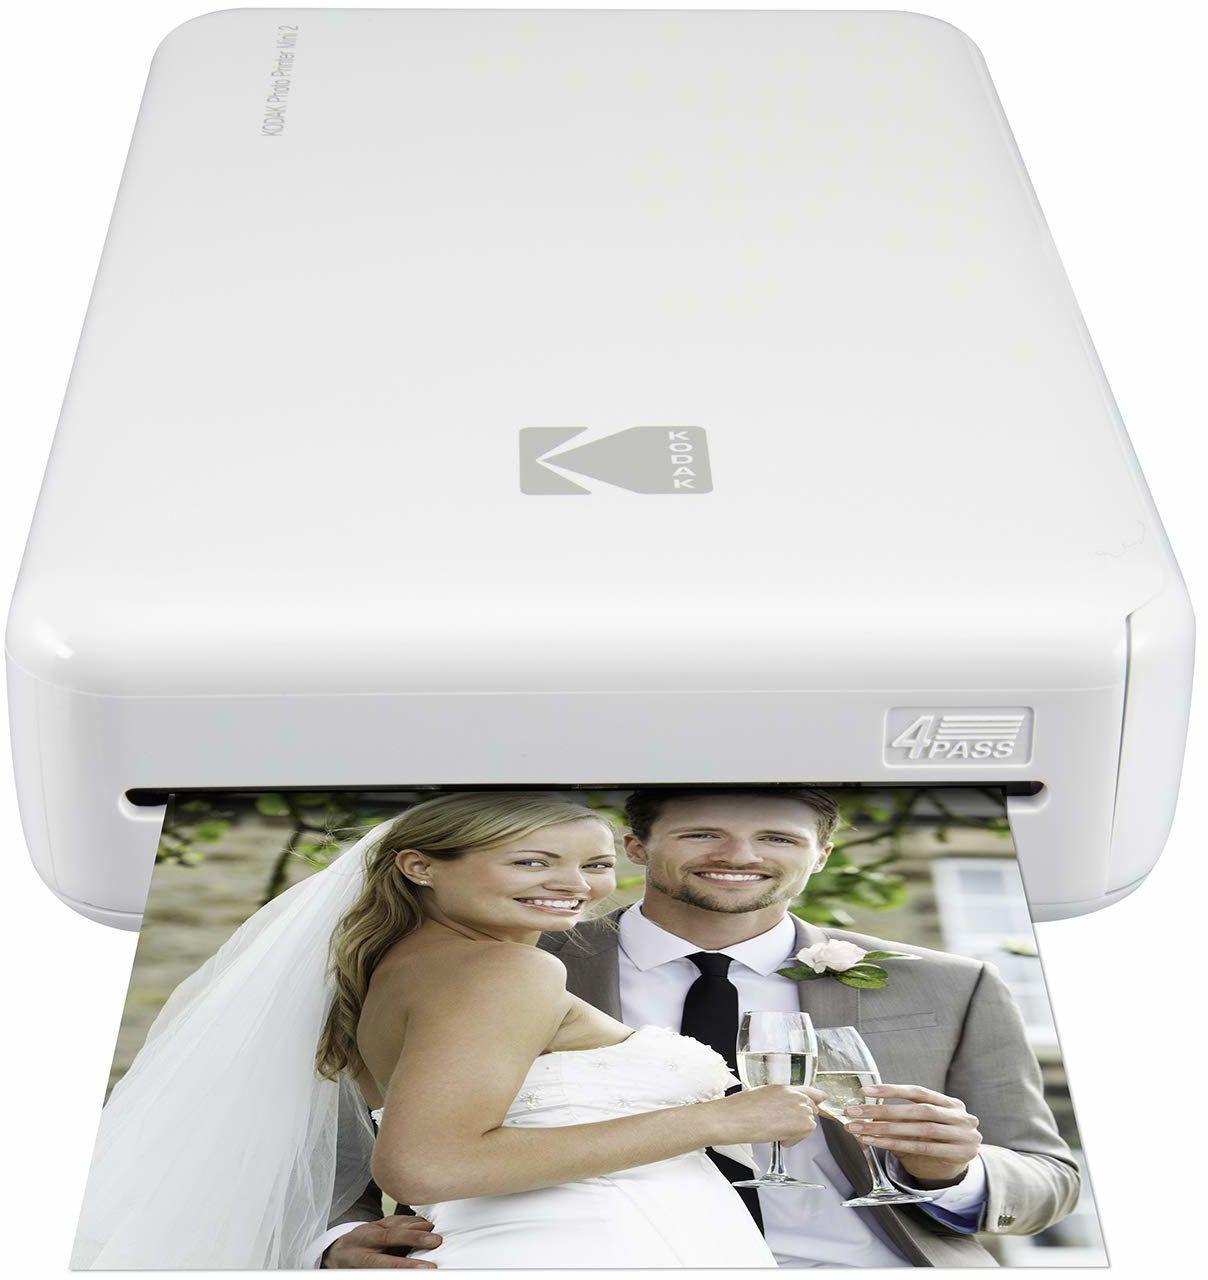 Kodak Bezprzewodowa drukarka fotograficzna Mini 2 HD z opatentowaną technologią druku (biała)  kompatybilna z urządzeniami iOS i Android  prawdziwy atrament w jednym